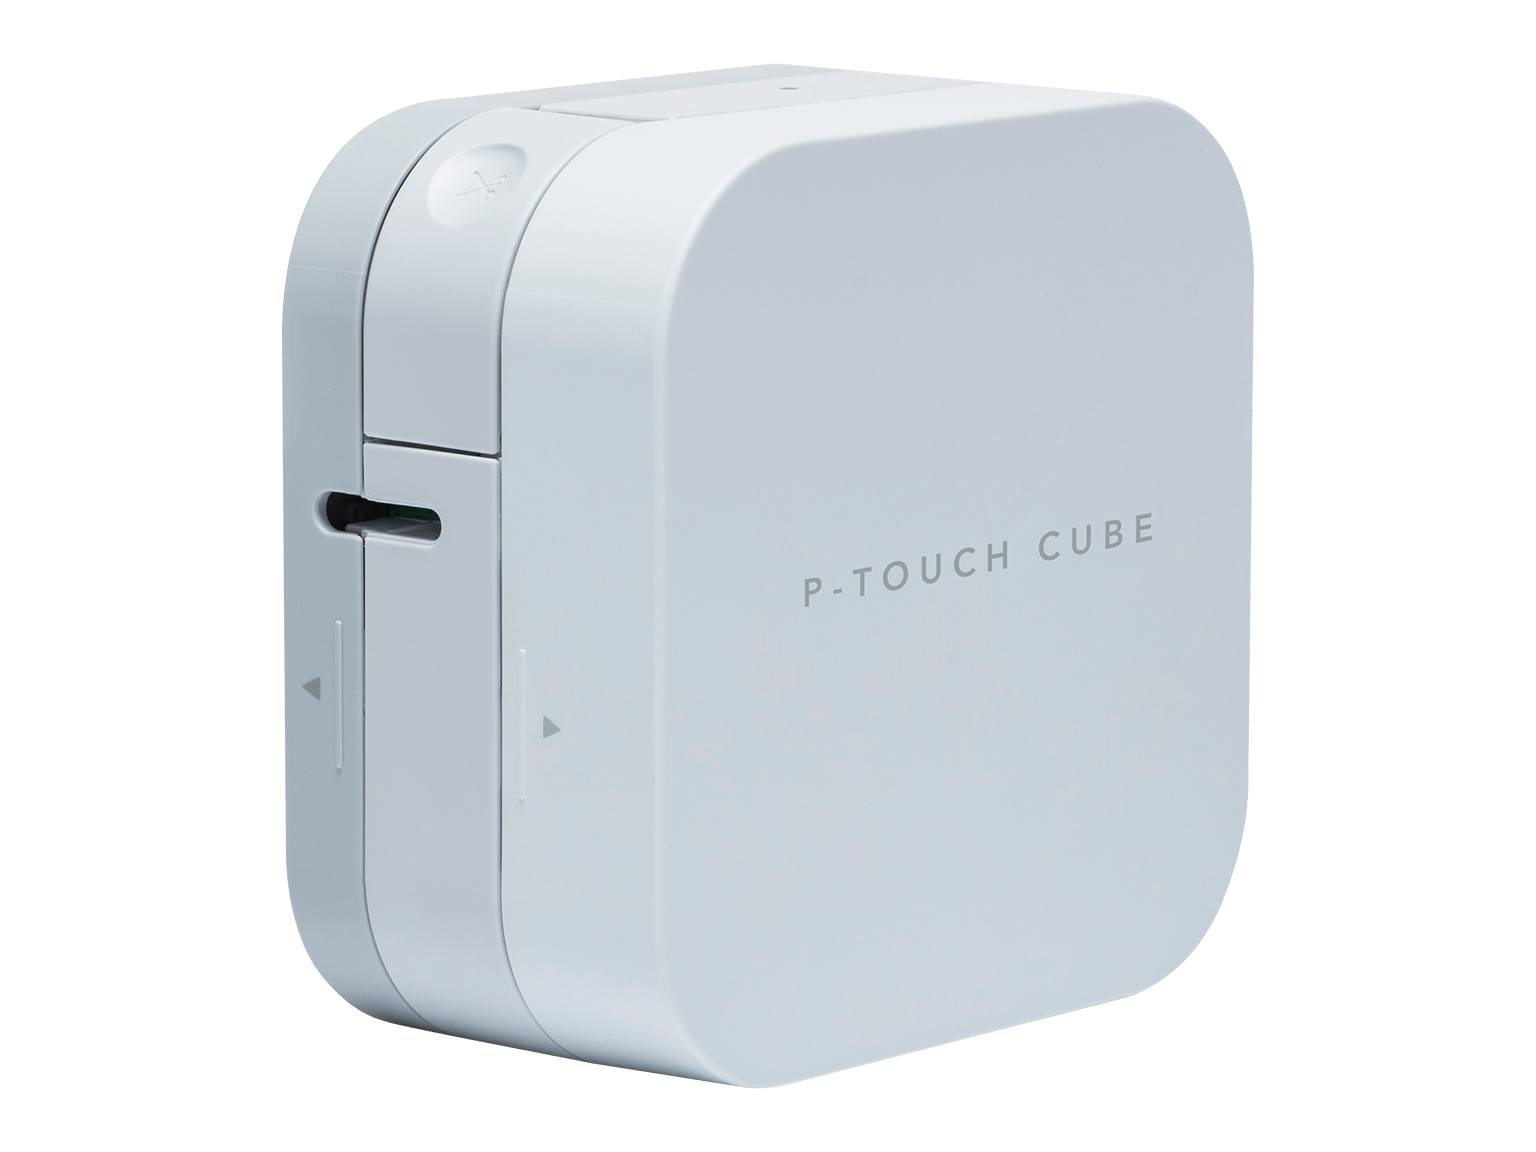 Brother P-touch CUBE P300BT merkemaskin skråstilt mot venstre